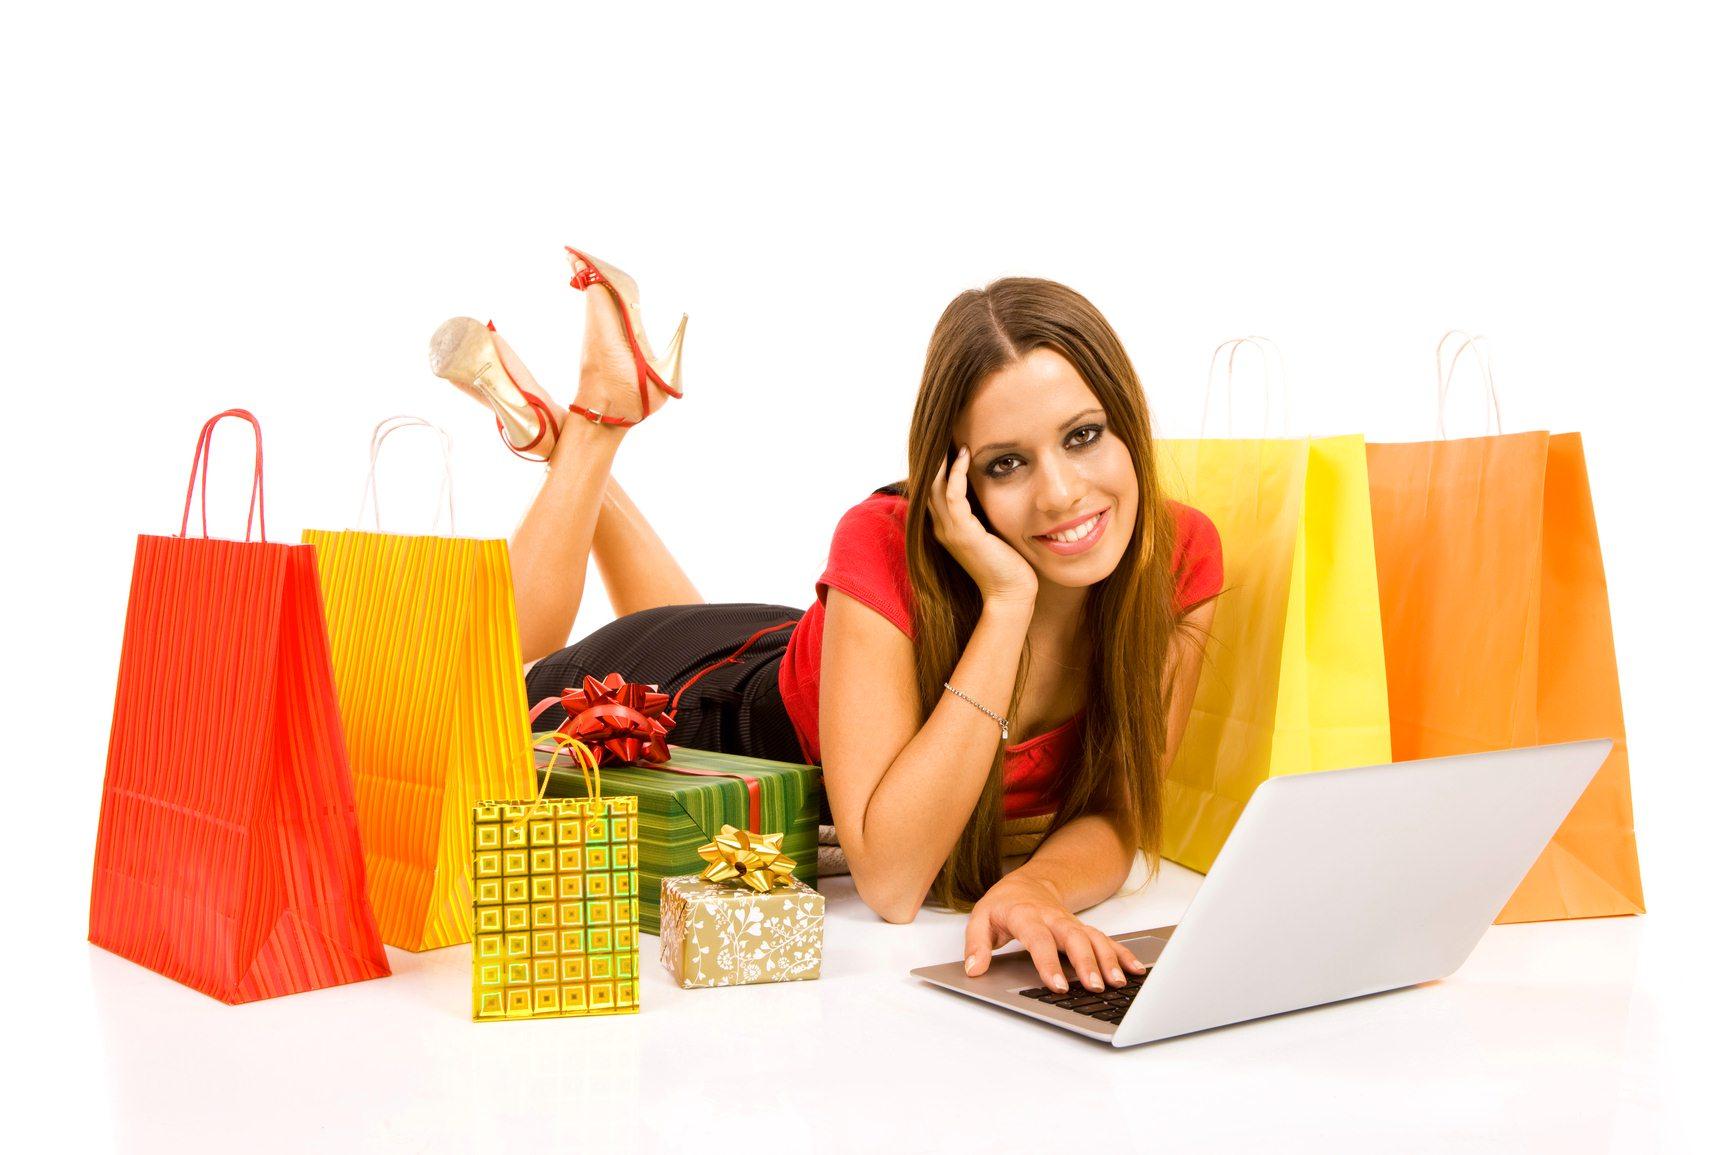 Заработок в интернете и поисковые покупки   Бизнес реально и виртуально 8515e6a0a5e